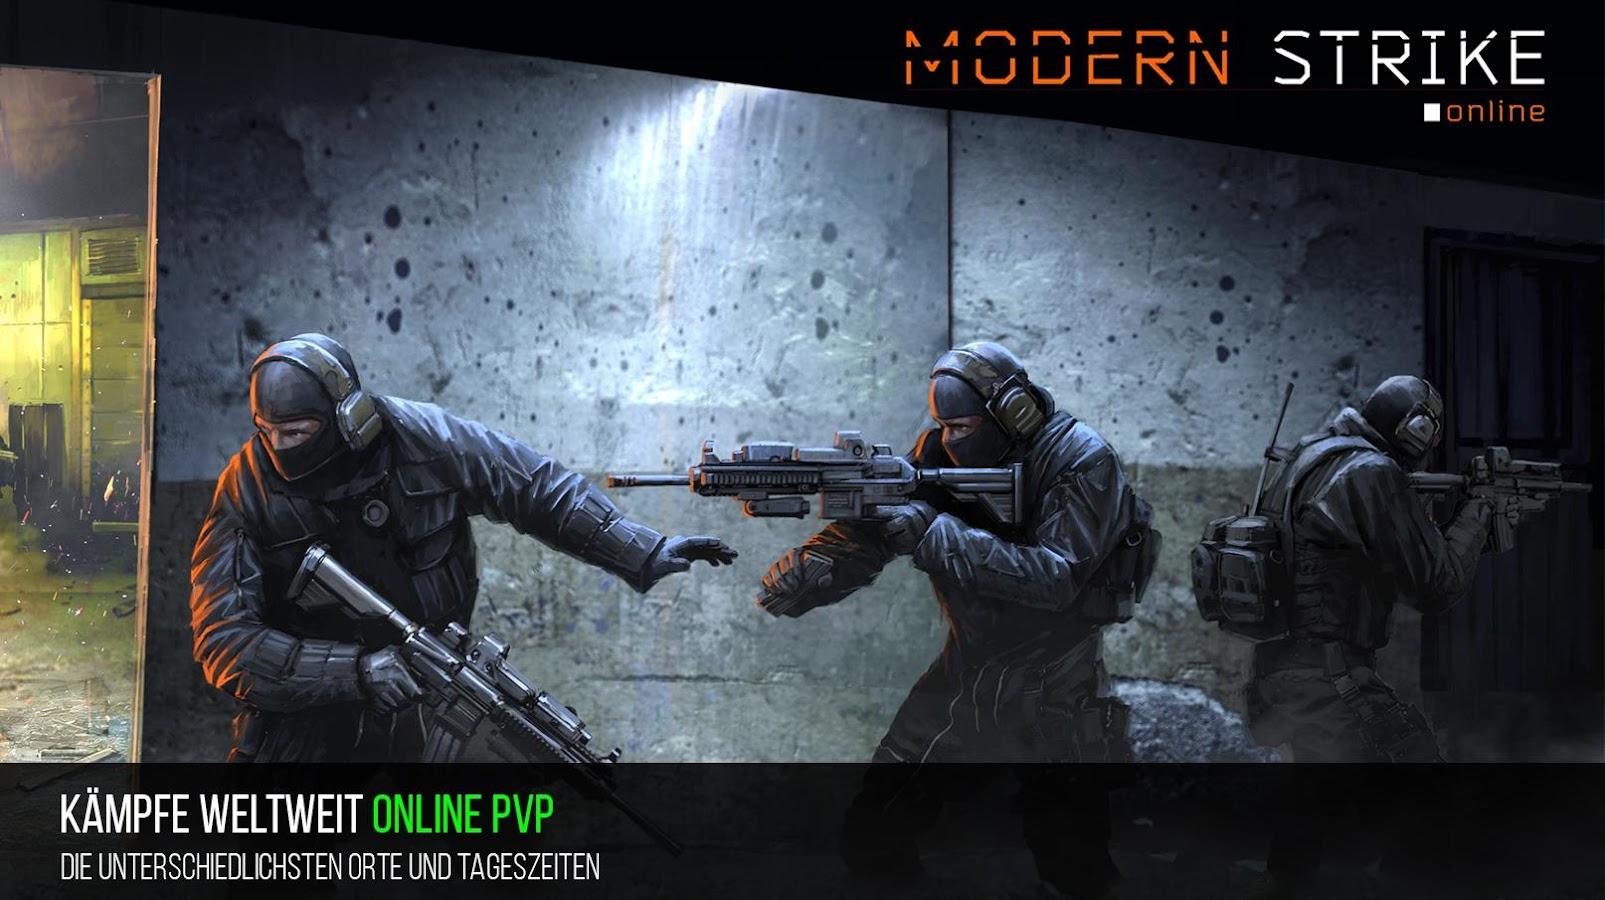 Waffen Spiele Online